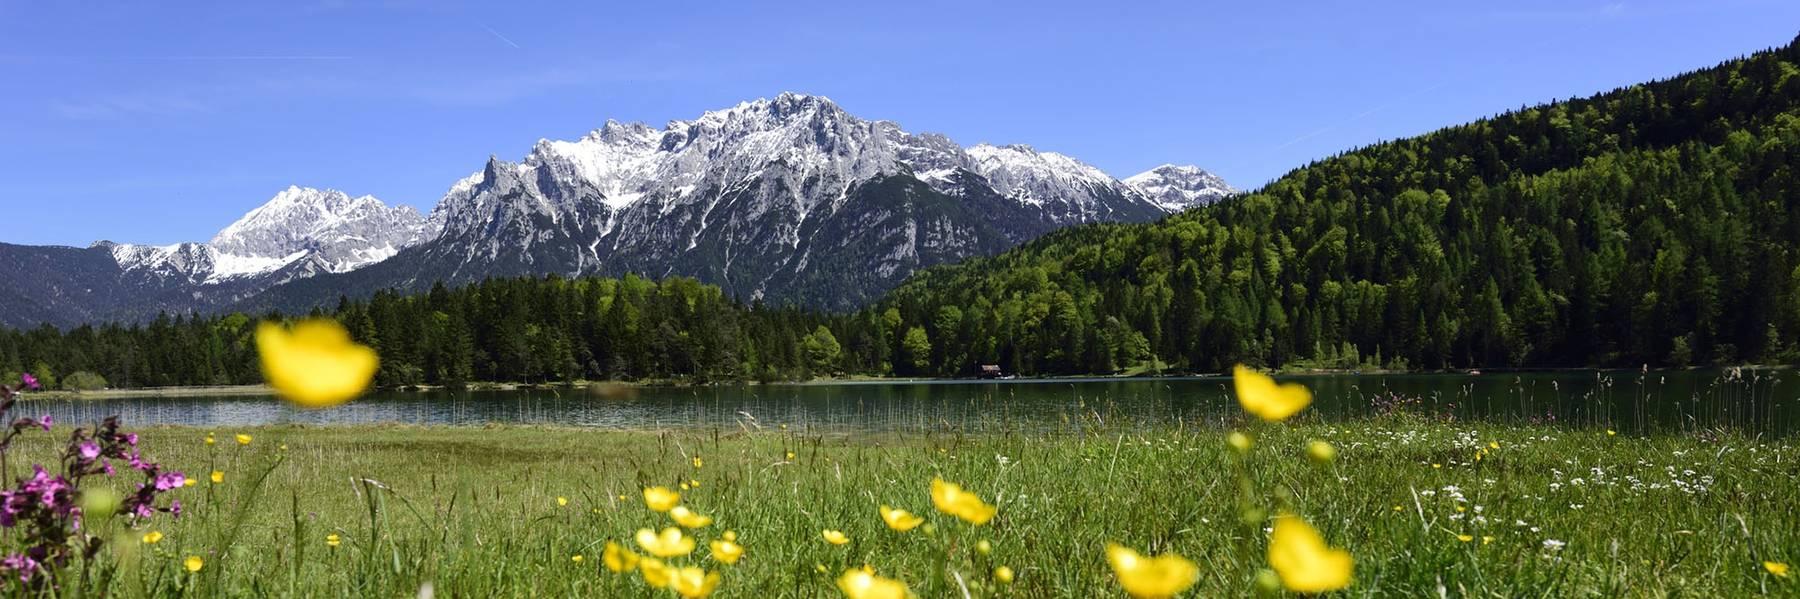 Sommerurlaub in Mittenwald